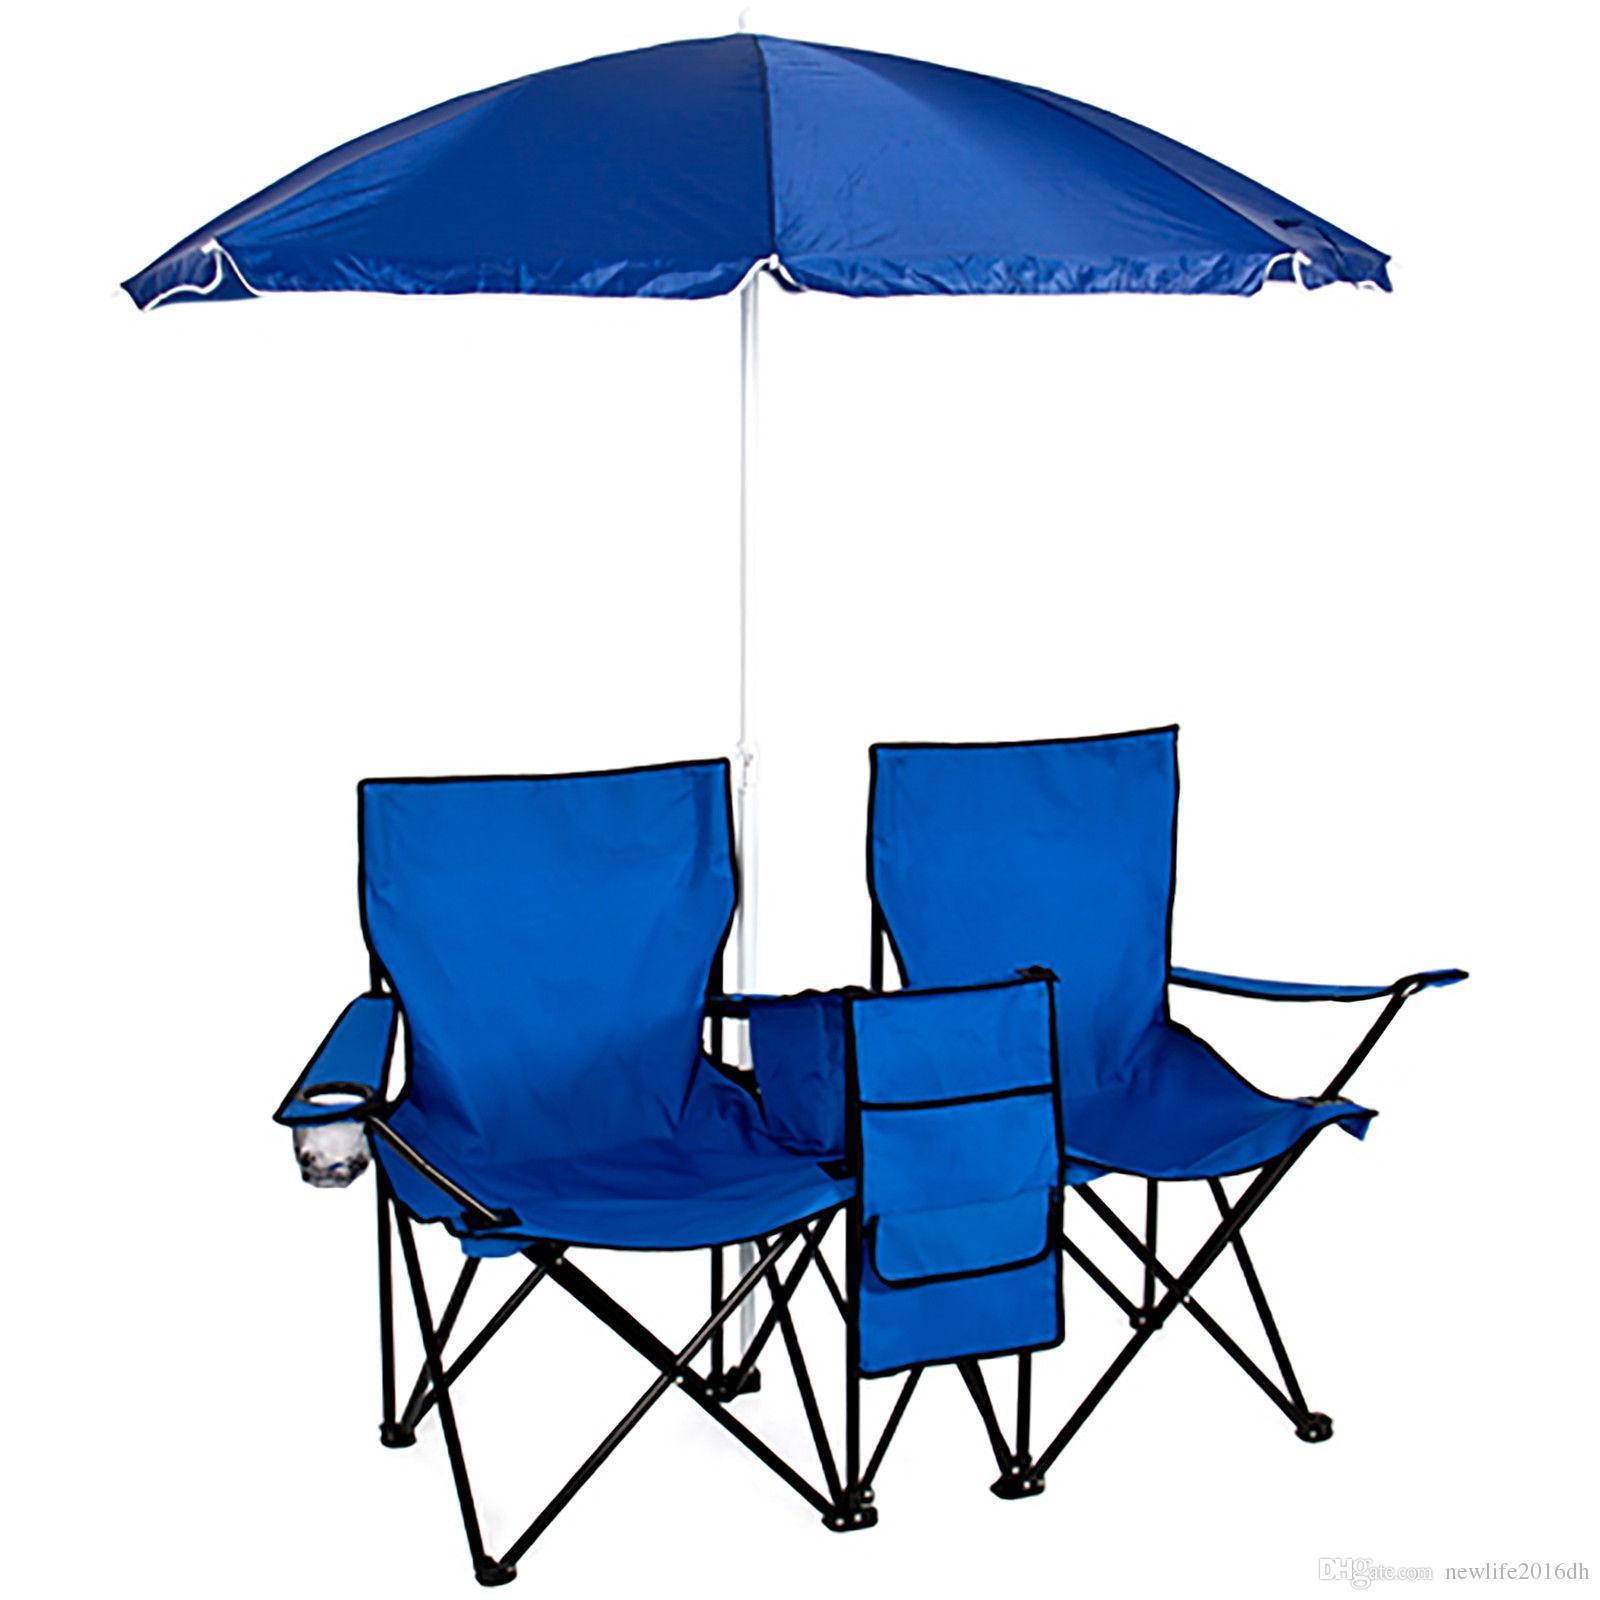 La De El Con Del Silla Plegable Paraguas Playa Doble Acampa Campestre Refrigerador Que Tabla Comida 0k8wOPn